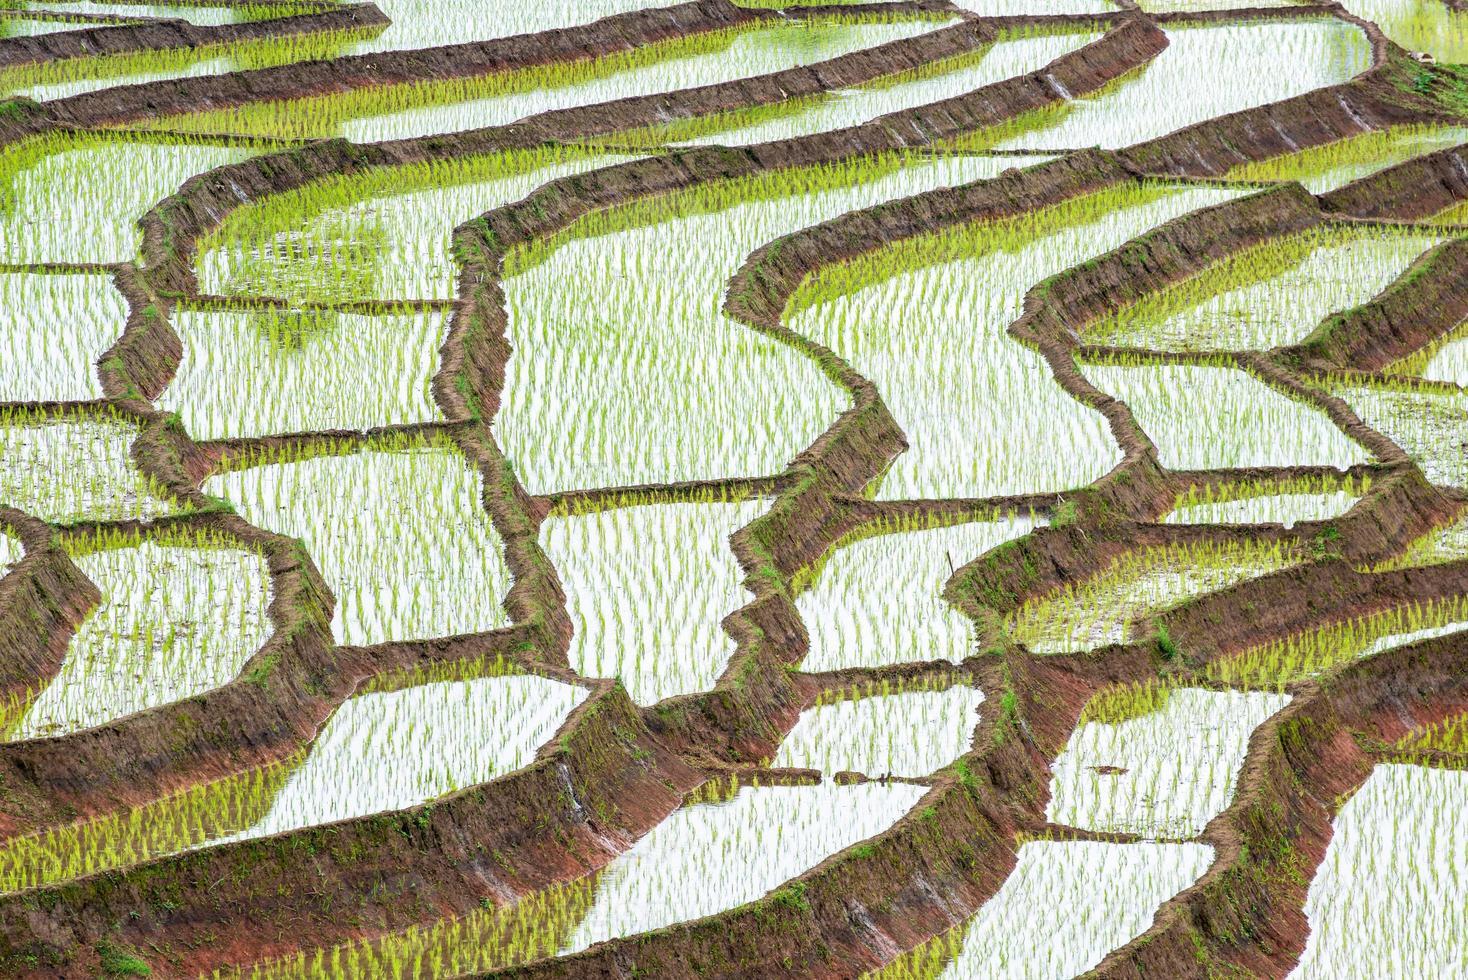 giacimento a terrazze del riso in chiangmai a nord della Tailandia foto